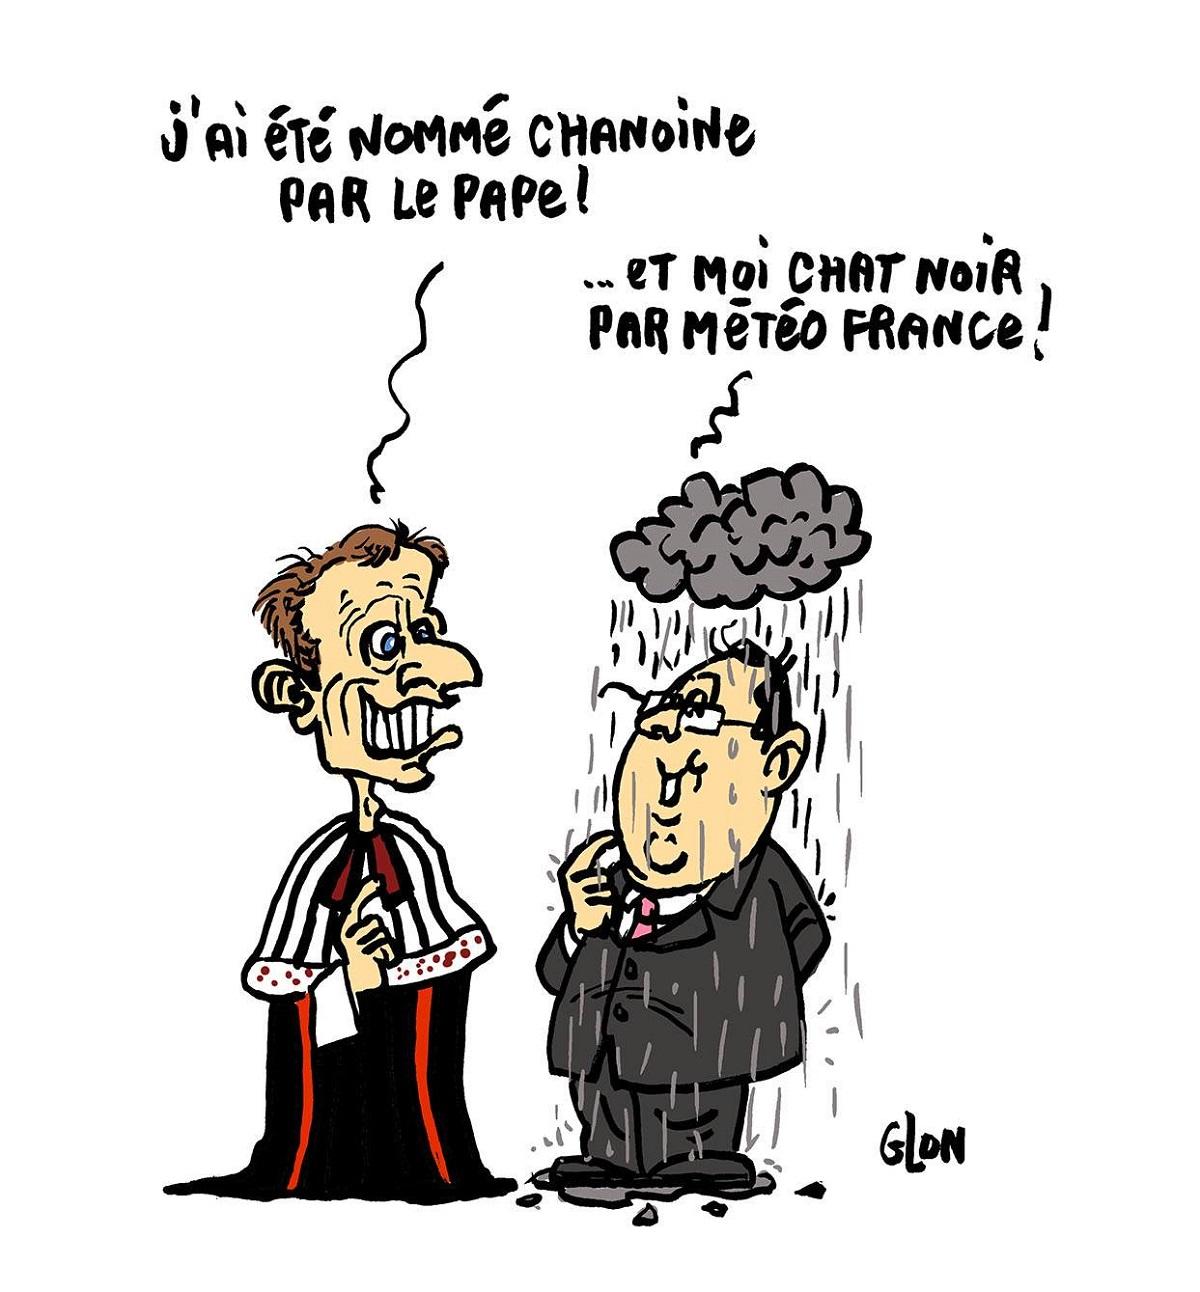 dessin d'actualité montrant Emmanuel Macron en Chanoine et François Hollande en Chat Noir